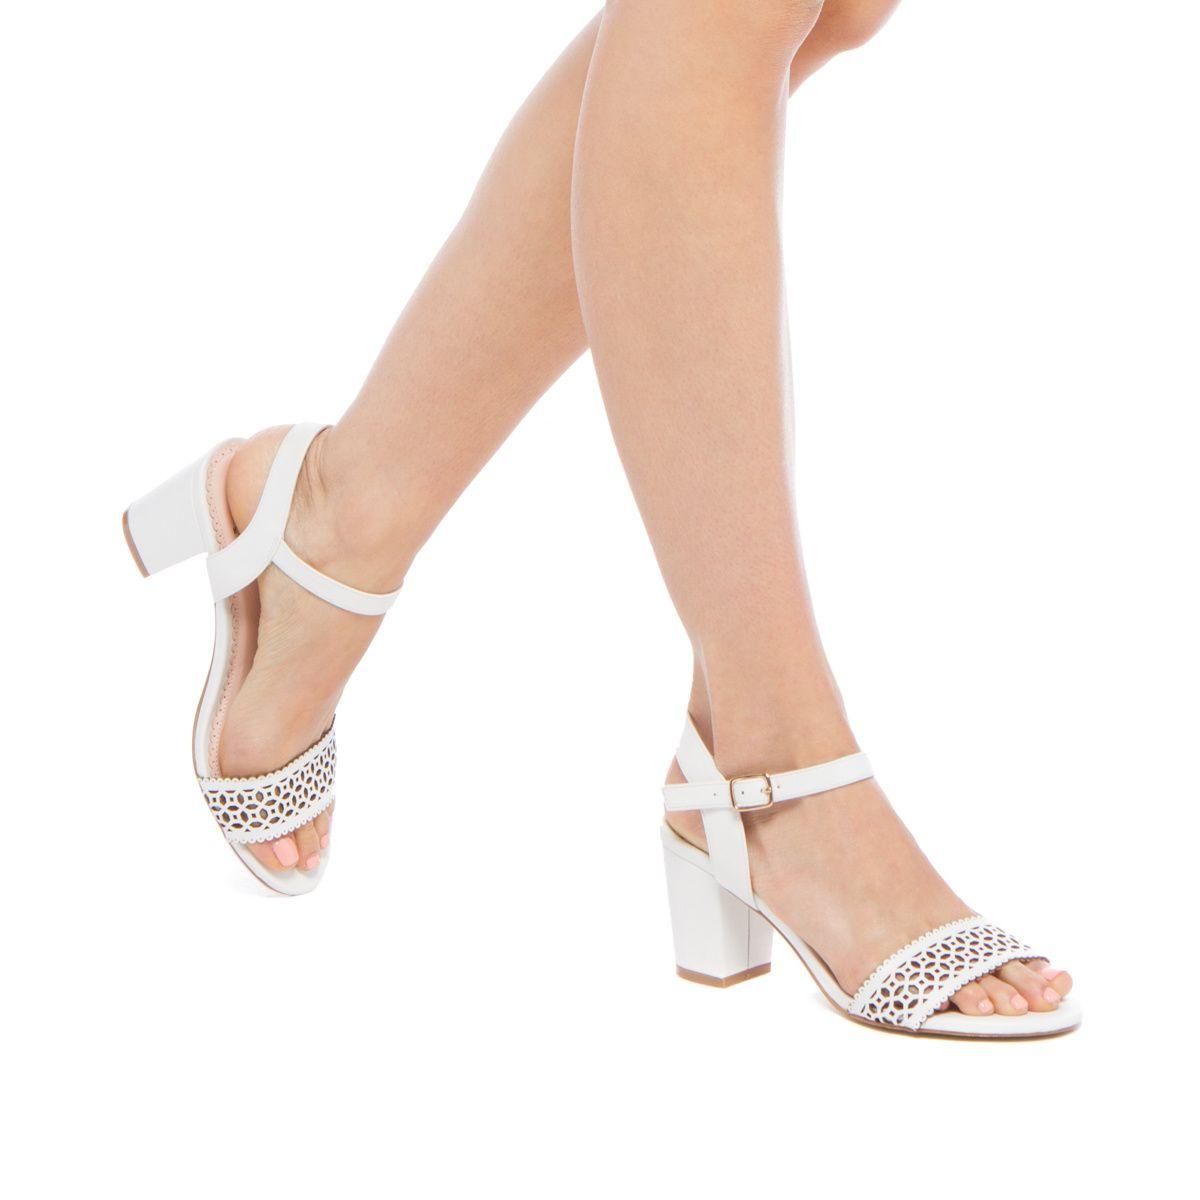 Wennie - ShoeDazzle